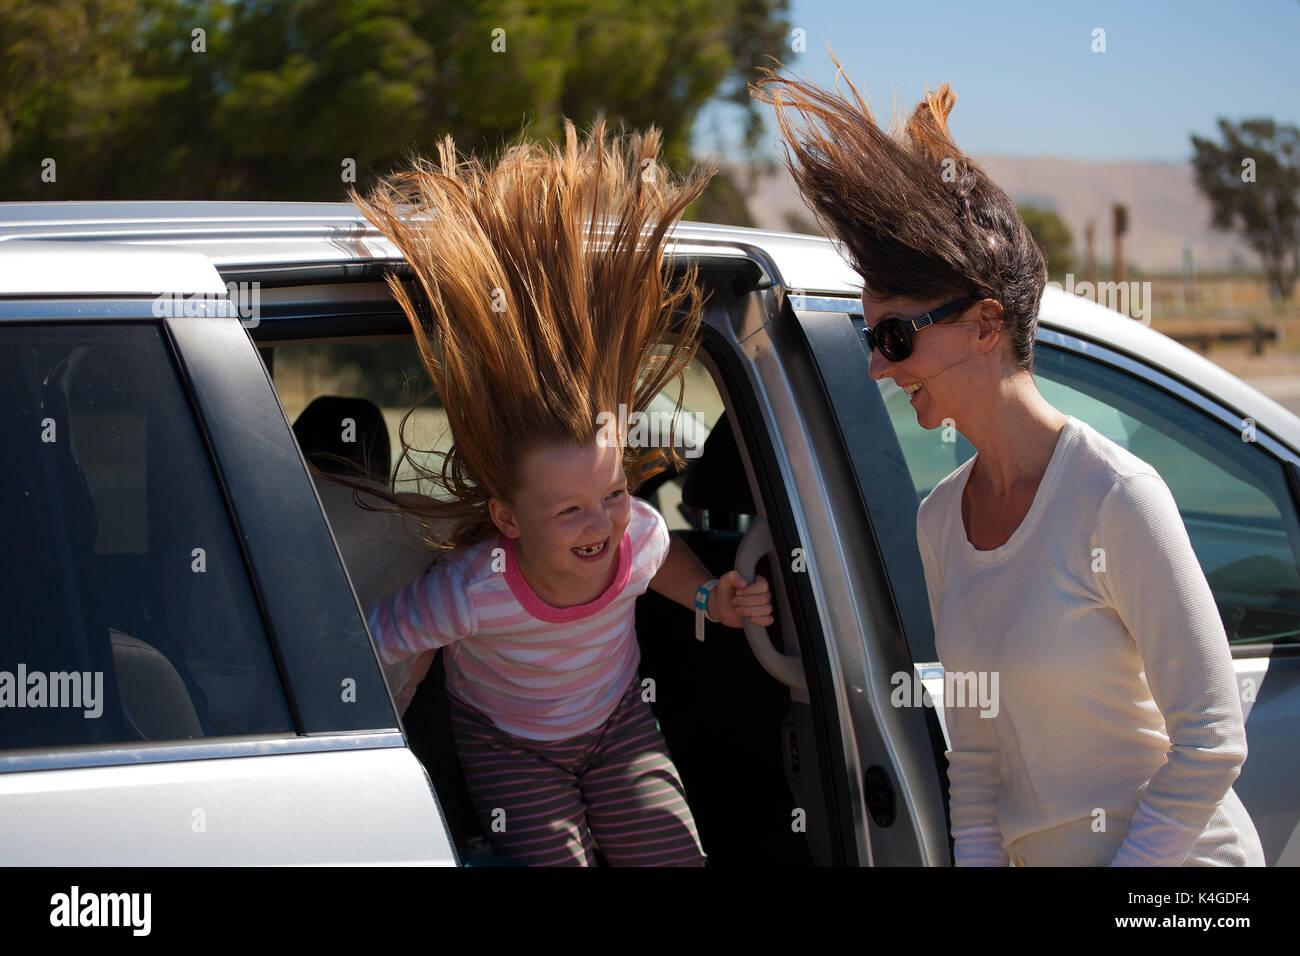 Une mère et sa fille de l'expérience des vents forts à côté de leur véhicule dans le centre de la californie Photo Stock